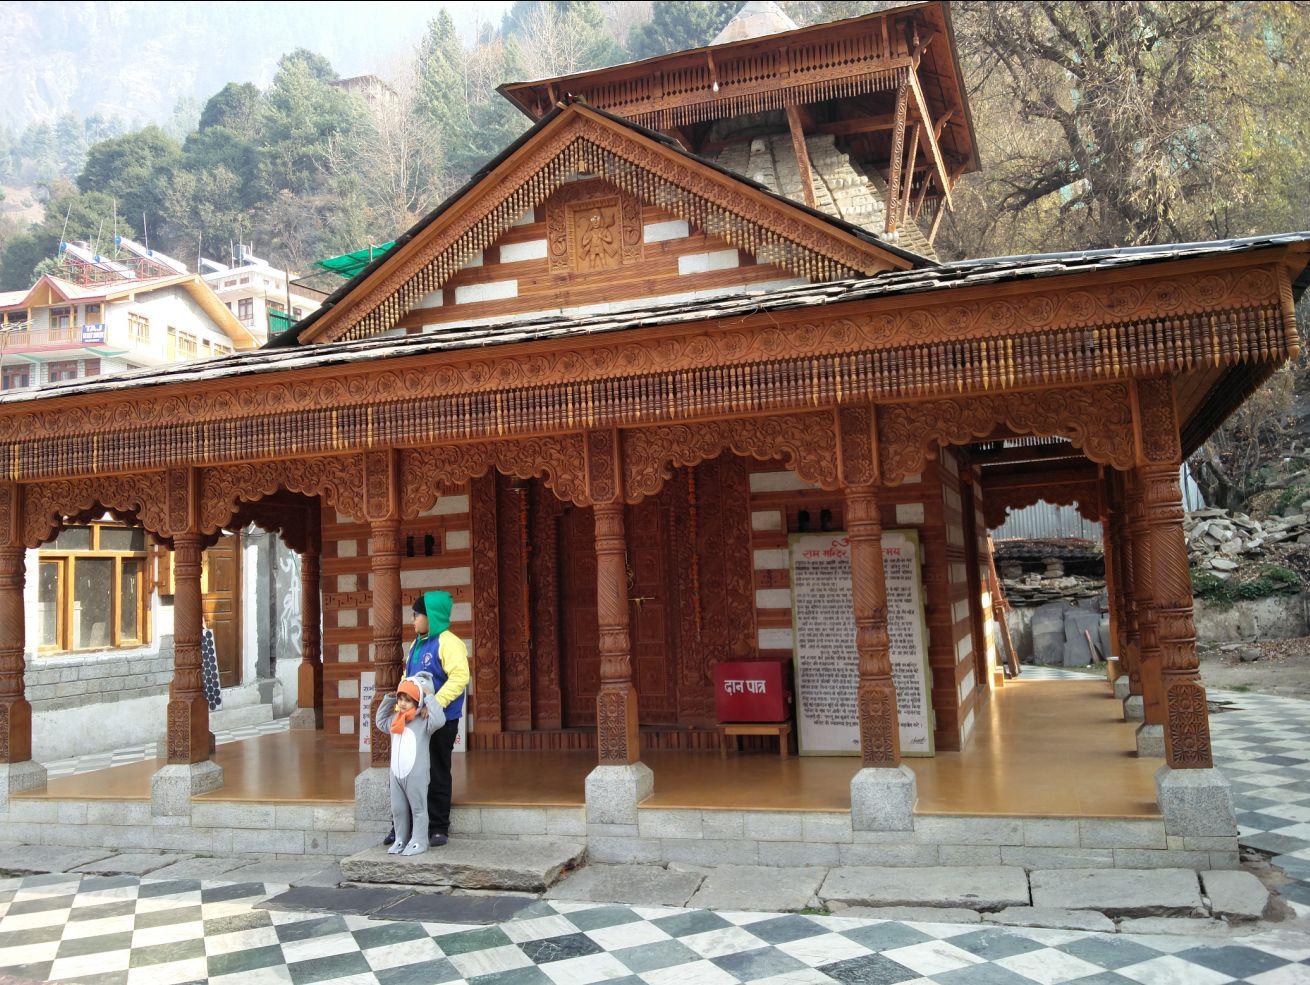 Shree Ram Temple, Vashisht